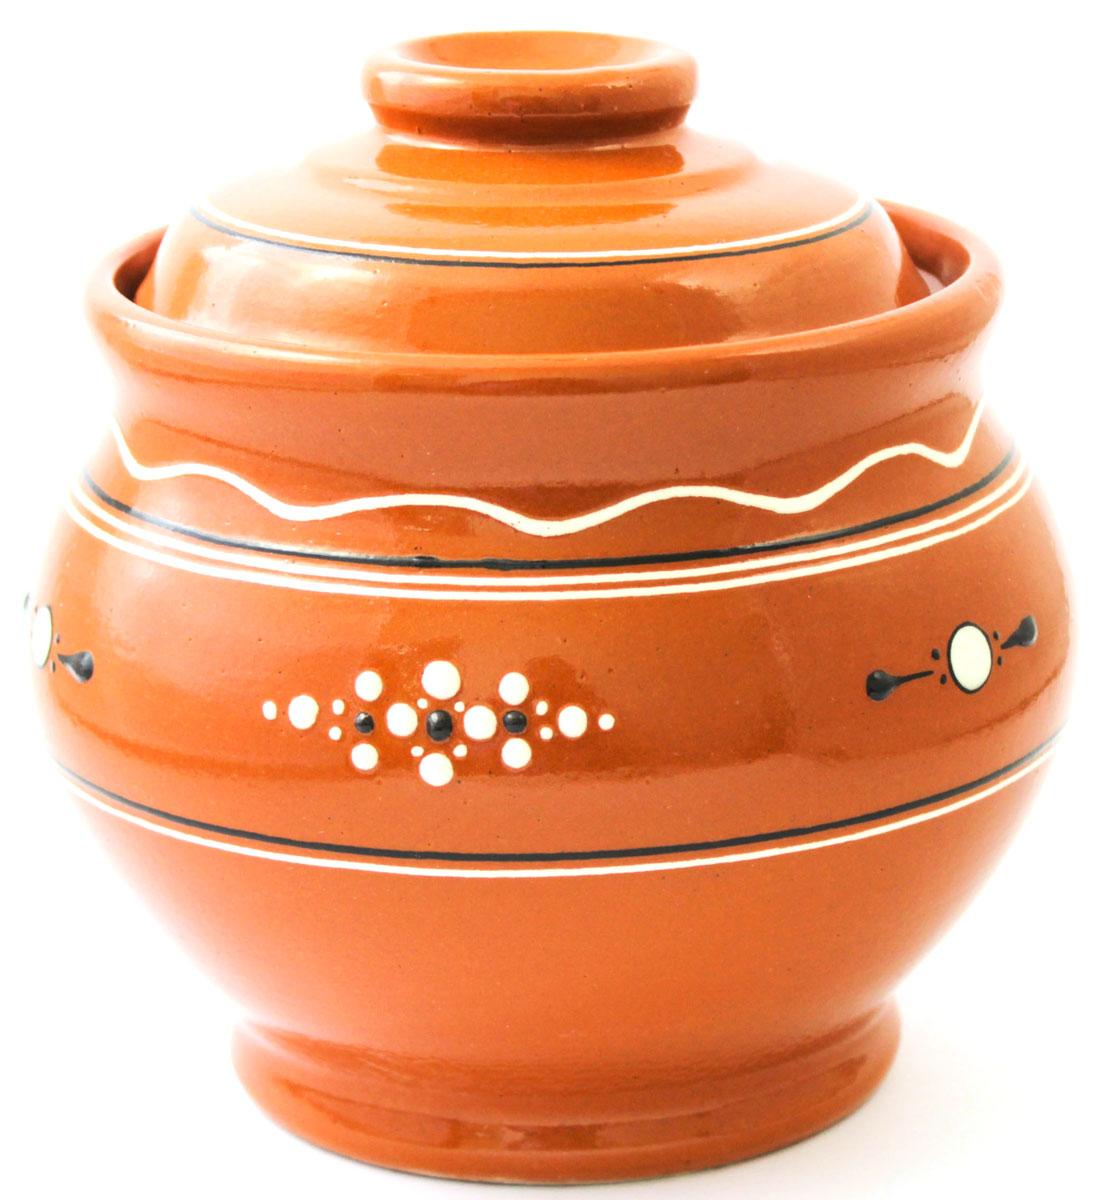 Горшок для запекания Ломоносовская керамика Кашник, с крышкой, 1,8 лЛ0727Горшок для запекания Ломоносовская керамика с крышкой выполнен из высококачественной глины. Уникальные свойства глины и толстые стенки изделия обеспечивают эффект русской печи при приготовлении блюд. Блюда, приготовленные в керамическом горшке, получаются нежными и сочными. Вы сможете приготовить мясо, сделать томленые овощи и все это без капли масла. Это один из самых здоровых способов готовки.